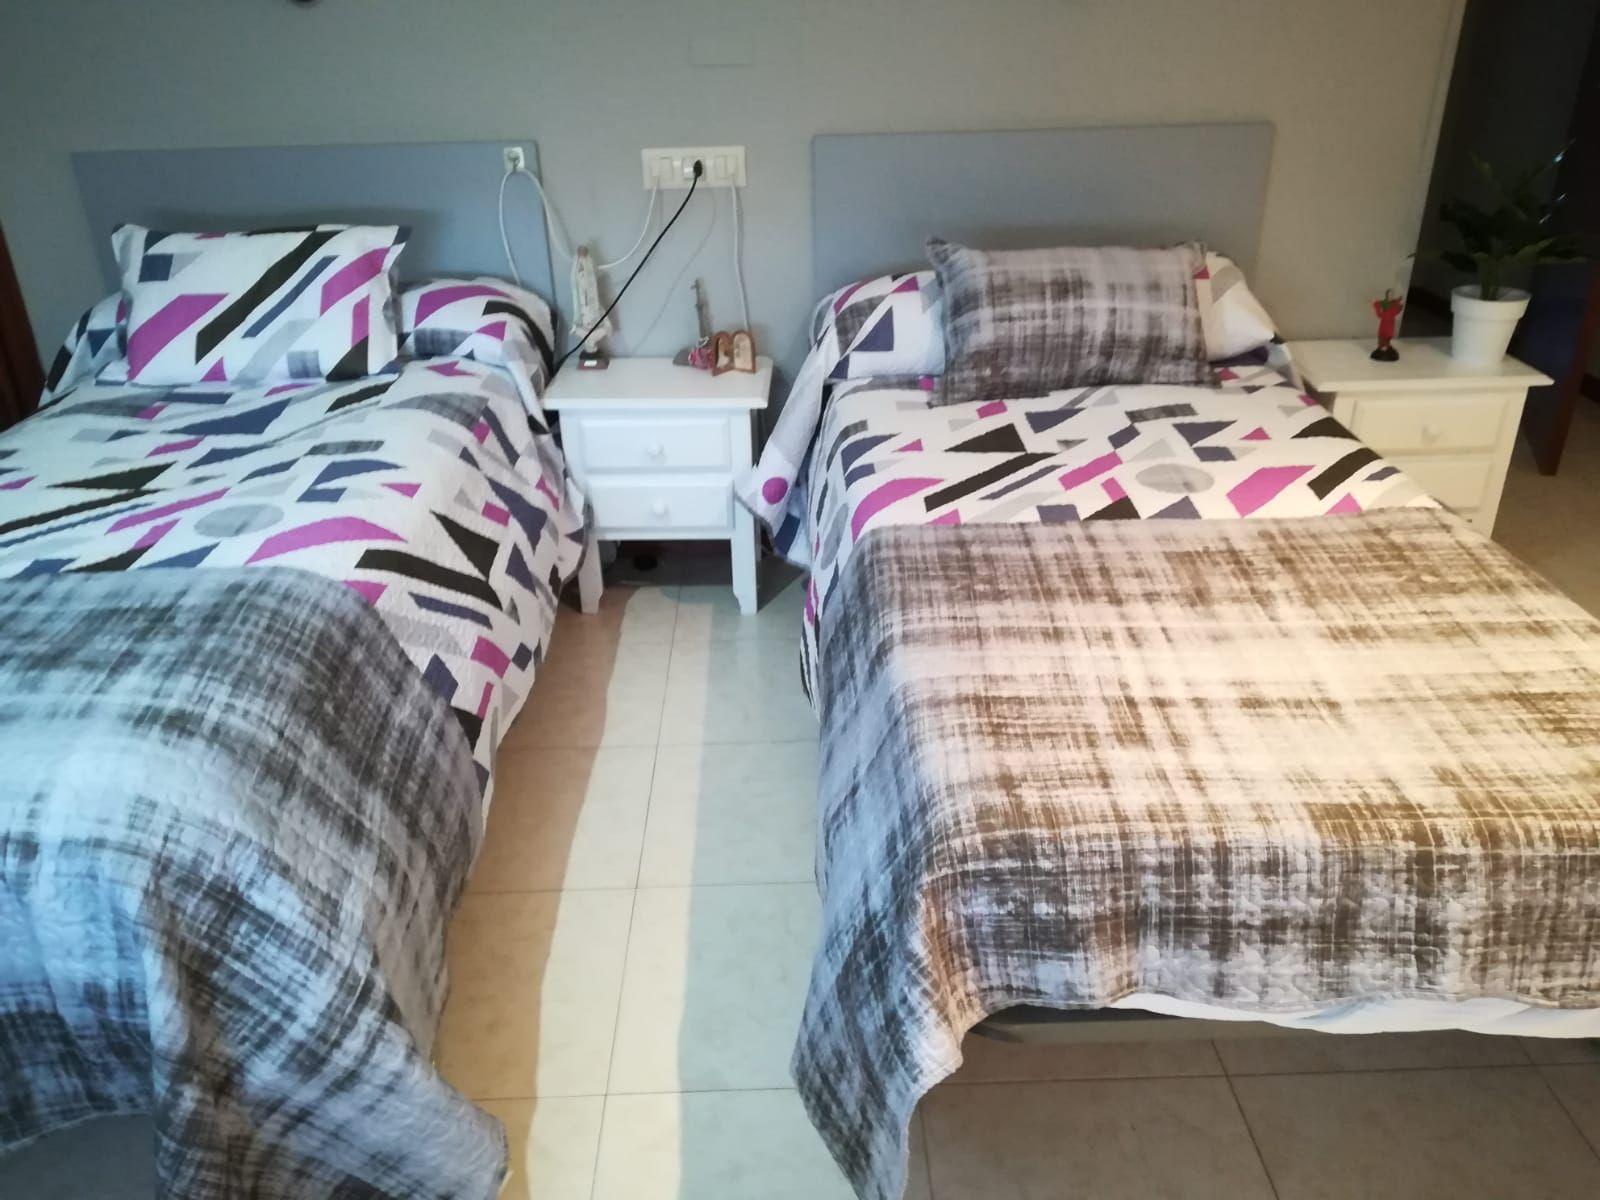 Las habitaciones están diseñadas teniendo en cuenta los criterios de movilidad e intimidad de los usuarios